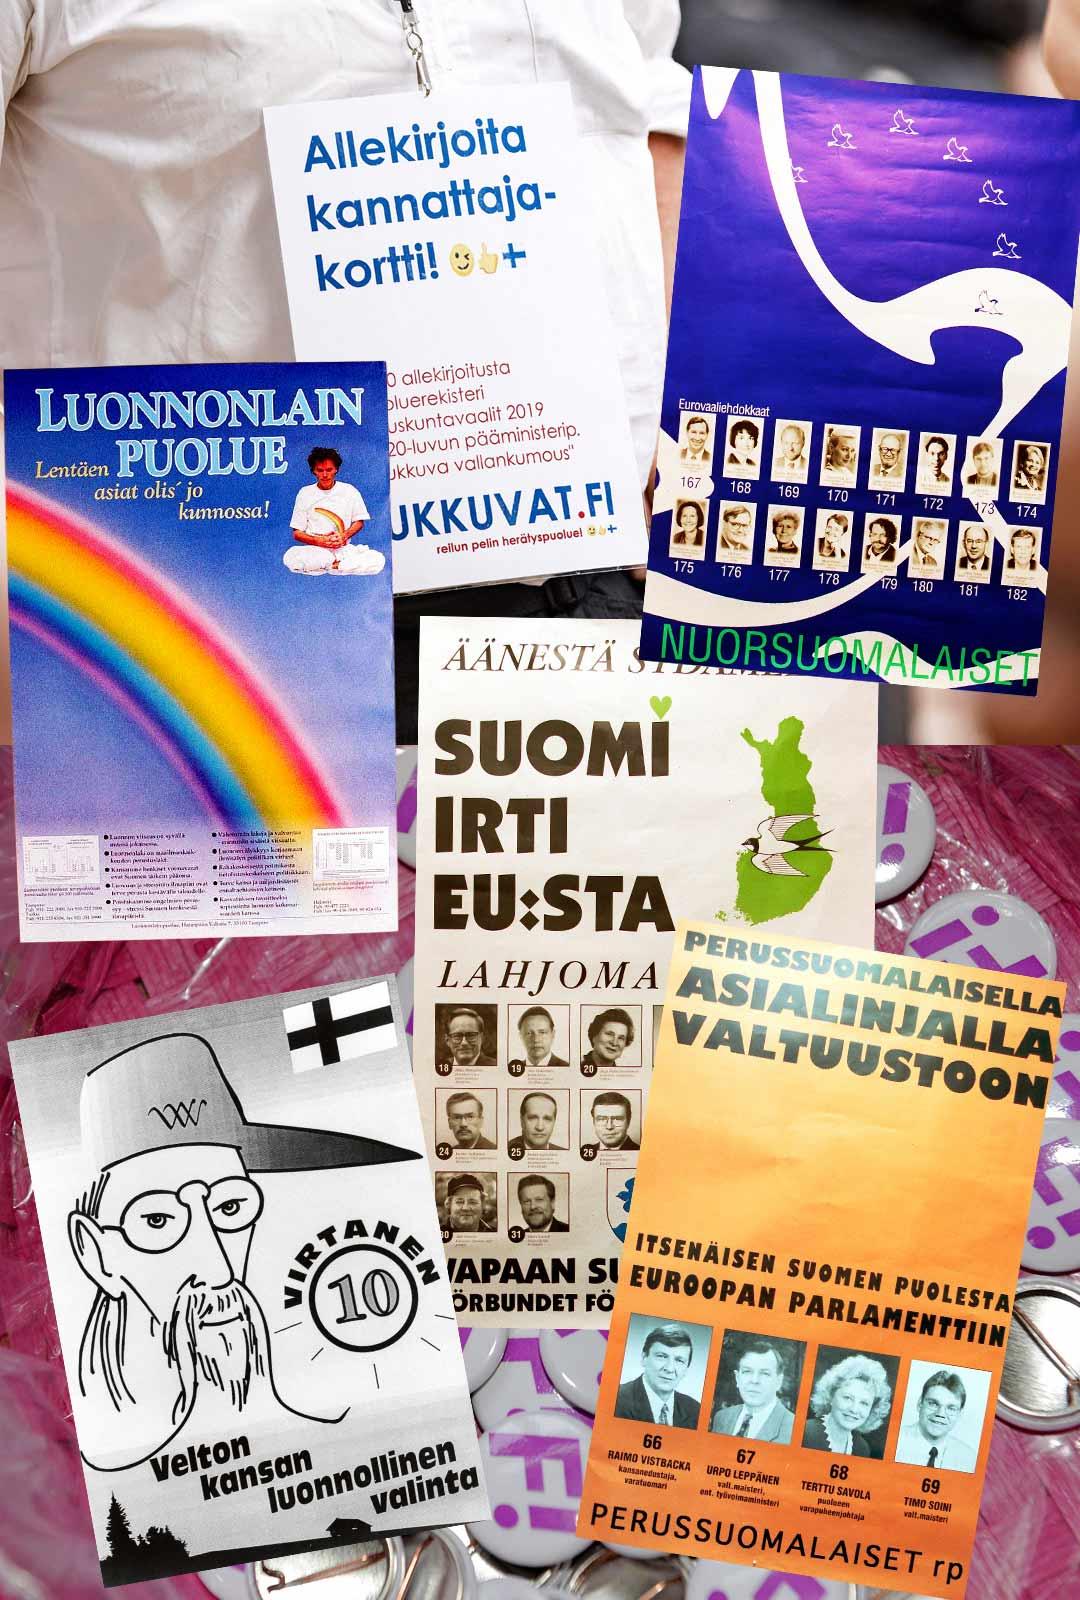 Nämä meillä on jo nähty: joogalentäjät, nusut, nukkuvat, EU-vastustajat, yksittäiset julkkispuolueet ja lähes tyhjästä aloittanut Suomen Maaseudun puolueen perillinen, Perussuomalaiset.